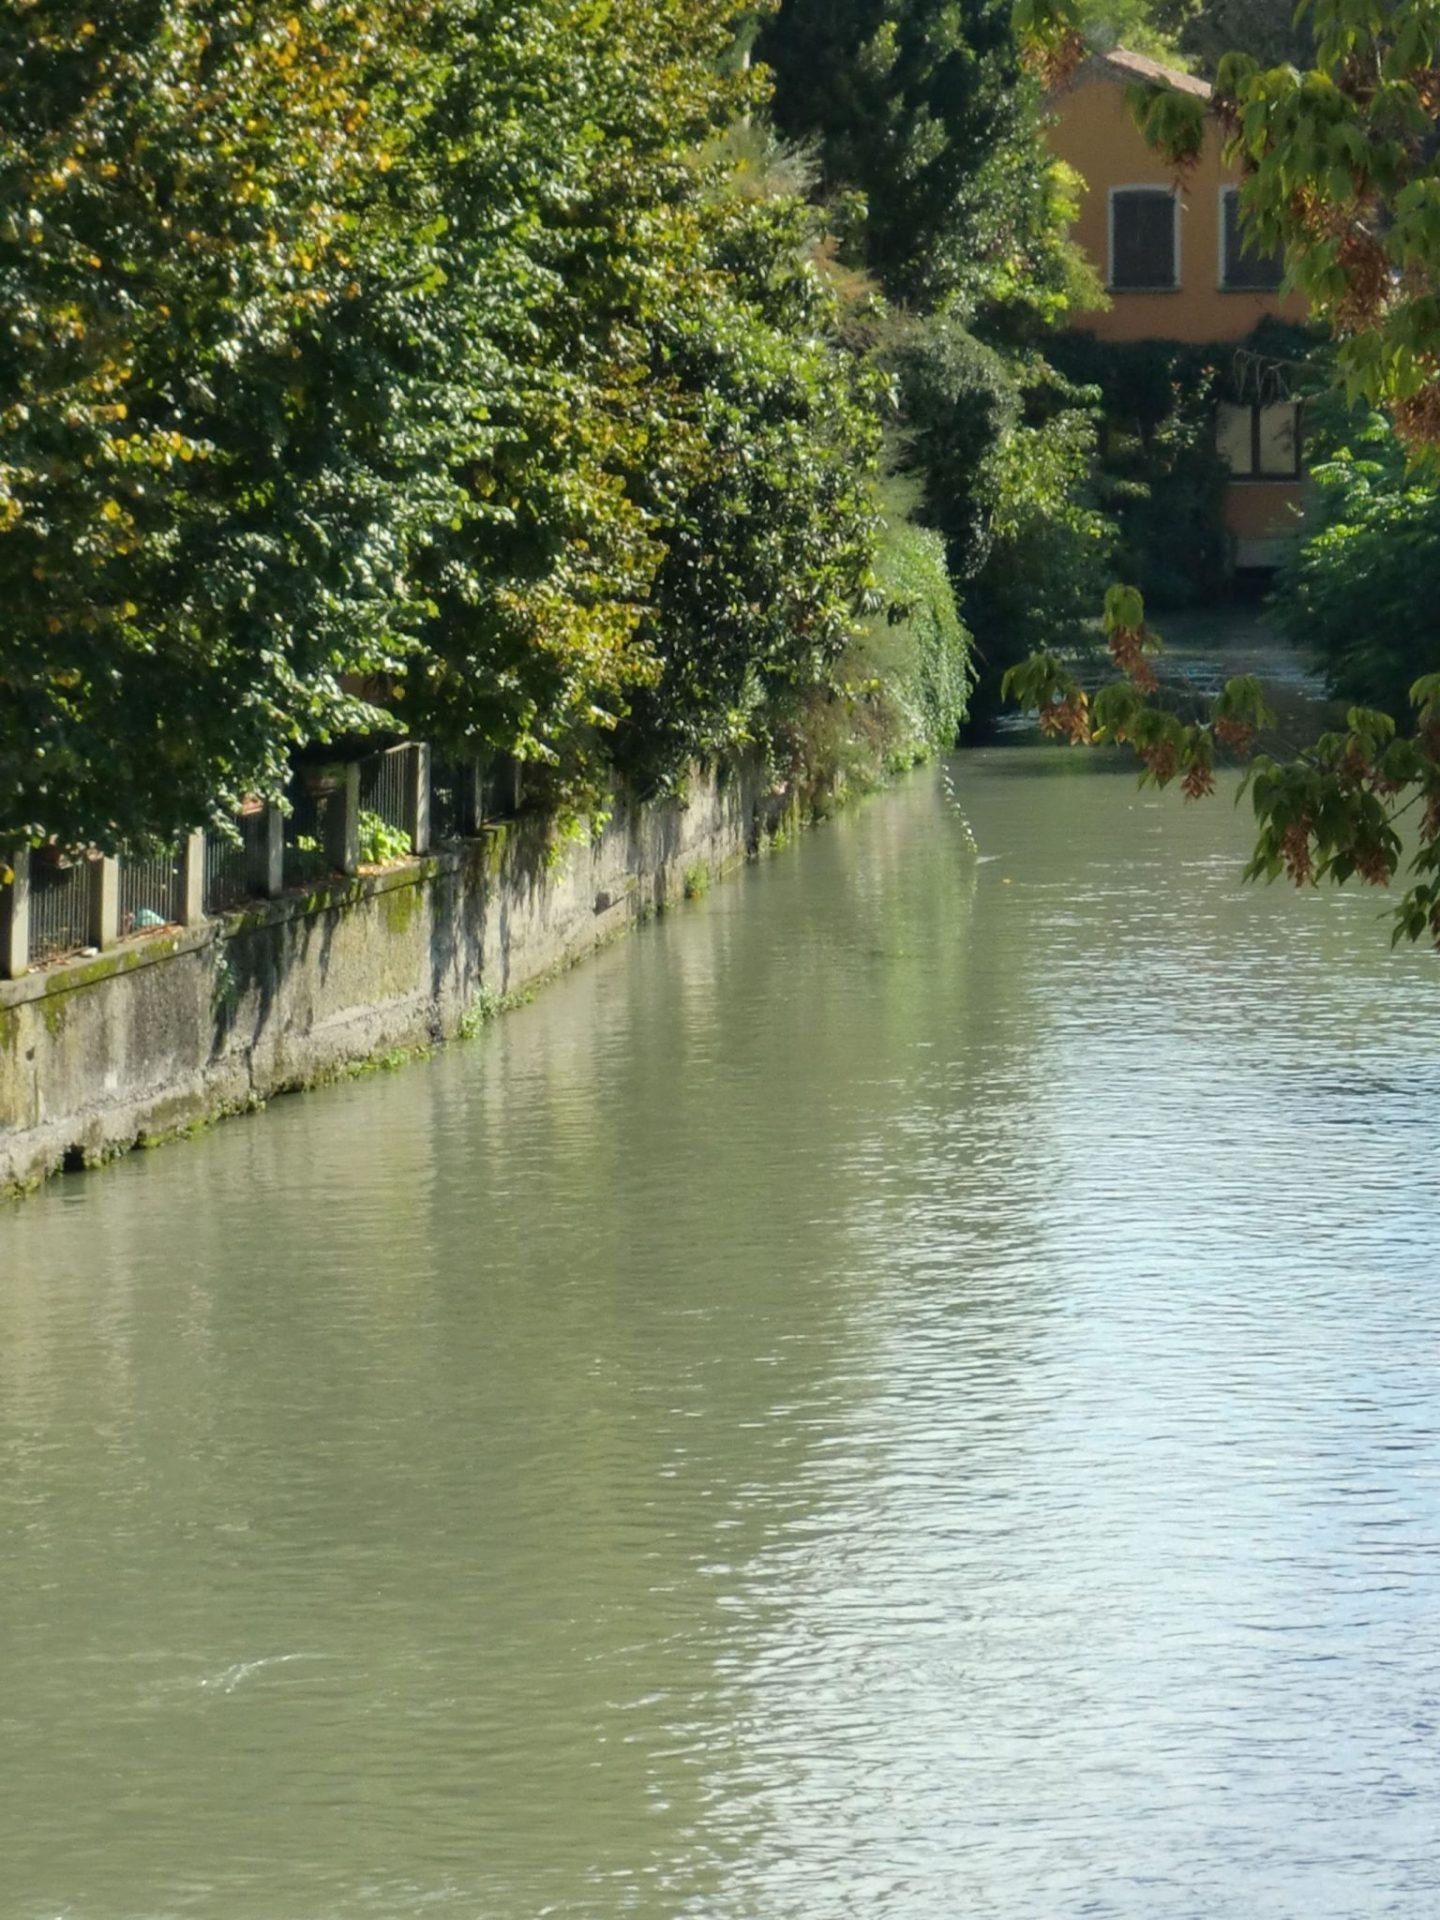 Treviso parco 5 1440x1920 - Treviso: Italian beauty